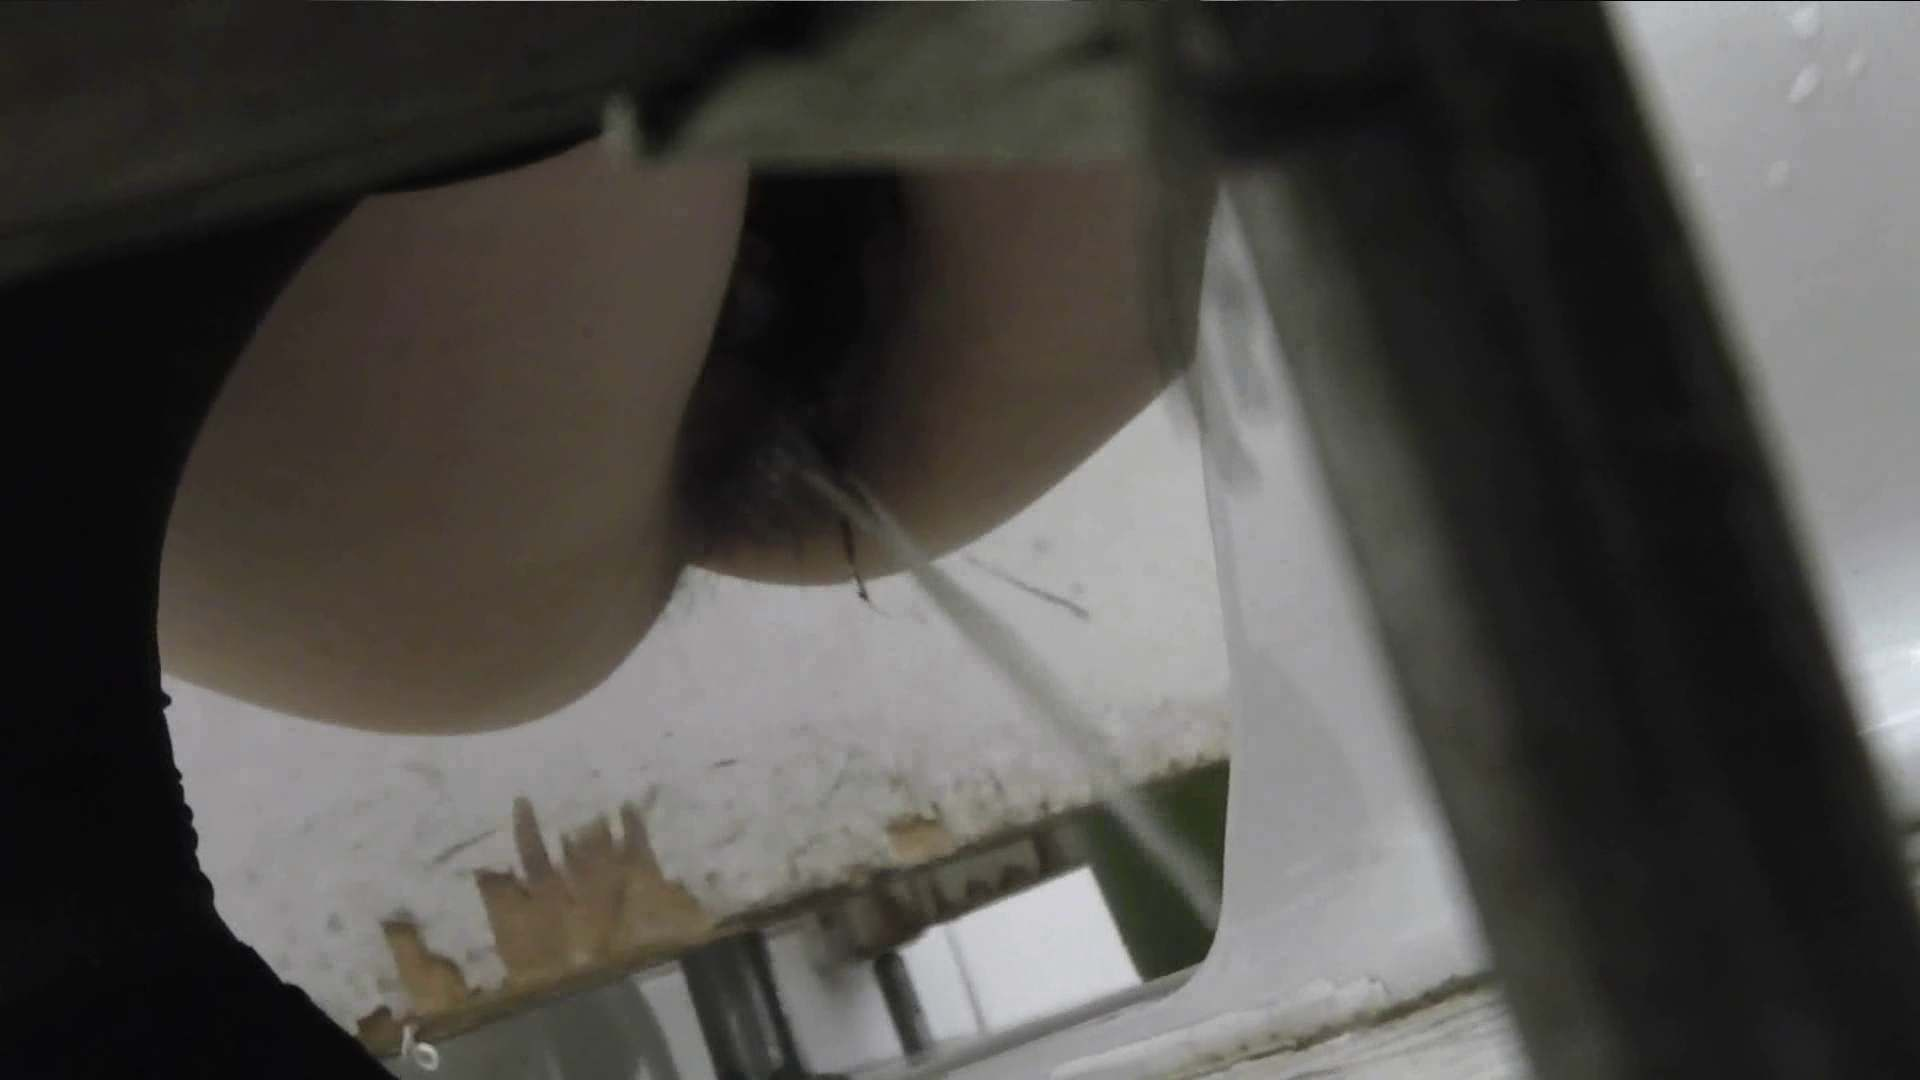 【美しき個室な世界】 vol.017 (゜∀゜) 高画質動画  38画像 36